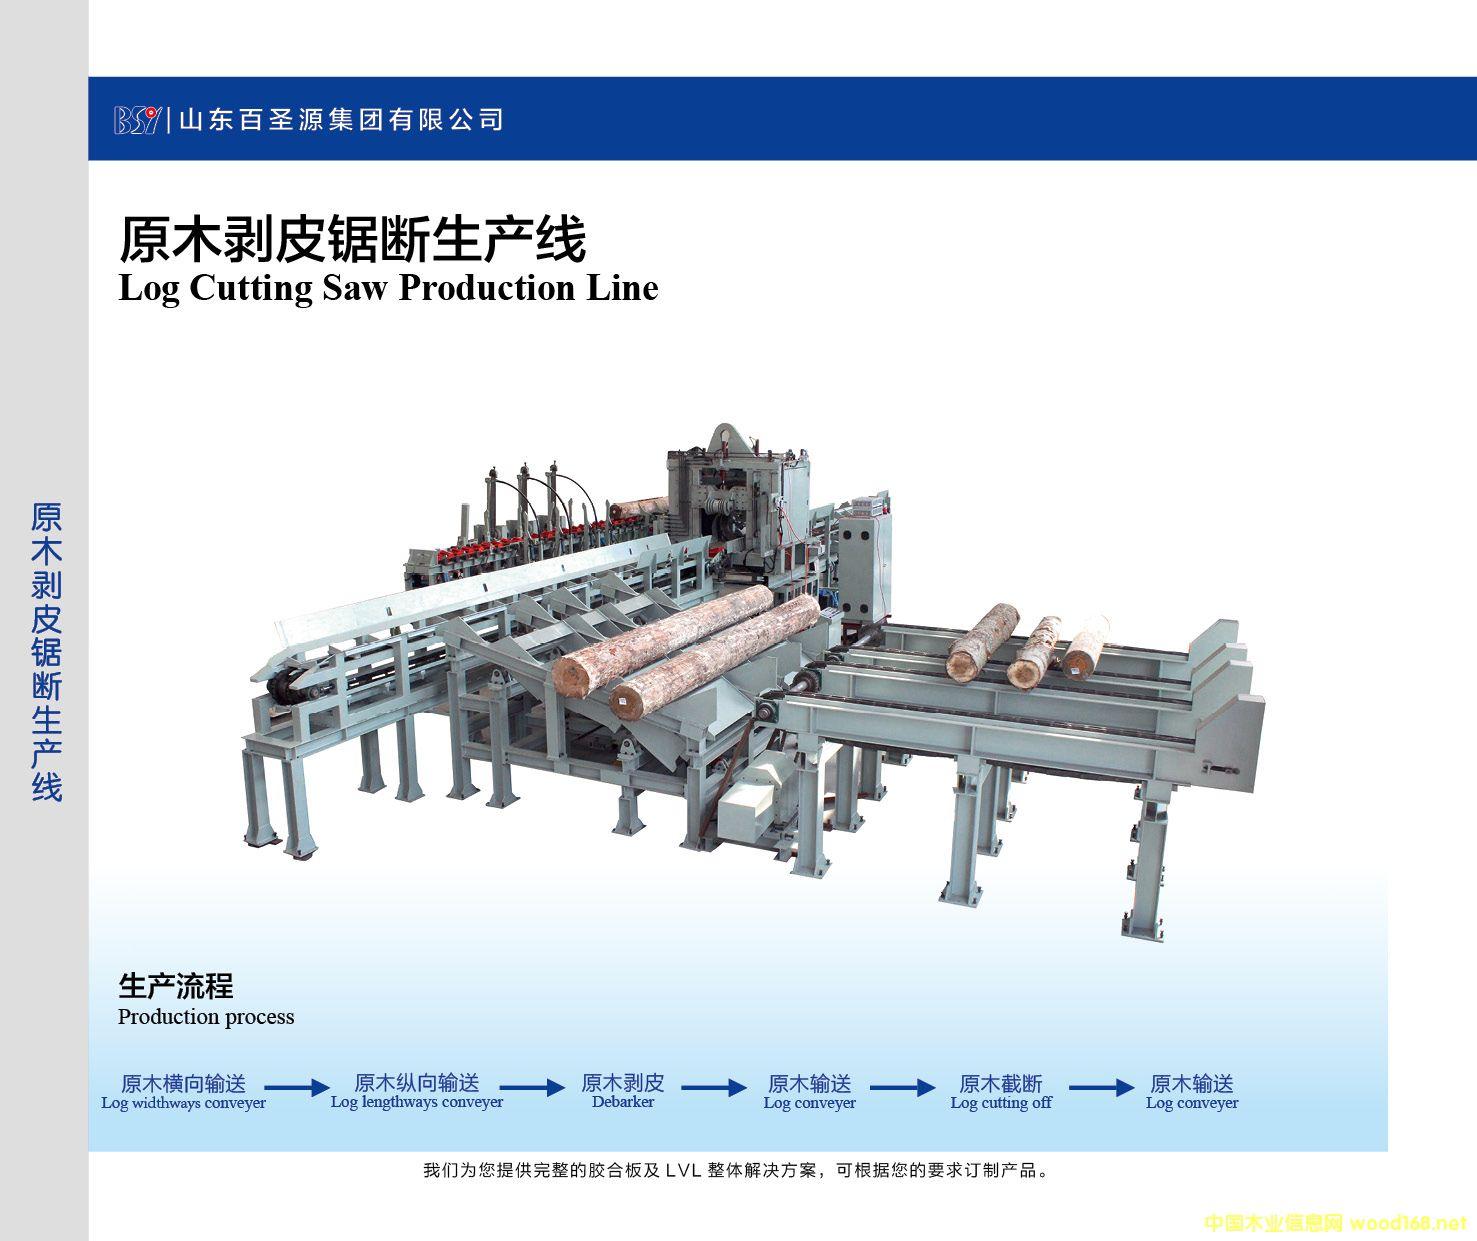 原木剥皮锯断生产线的详细介绍